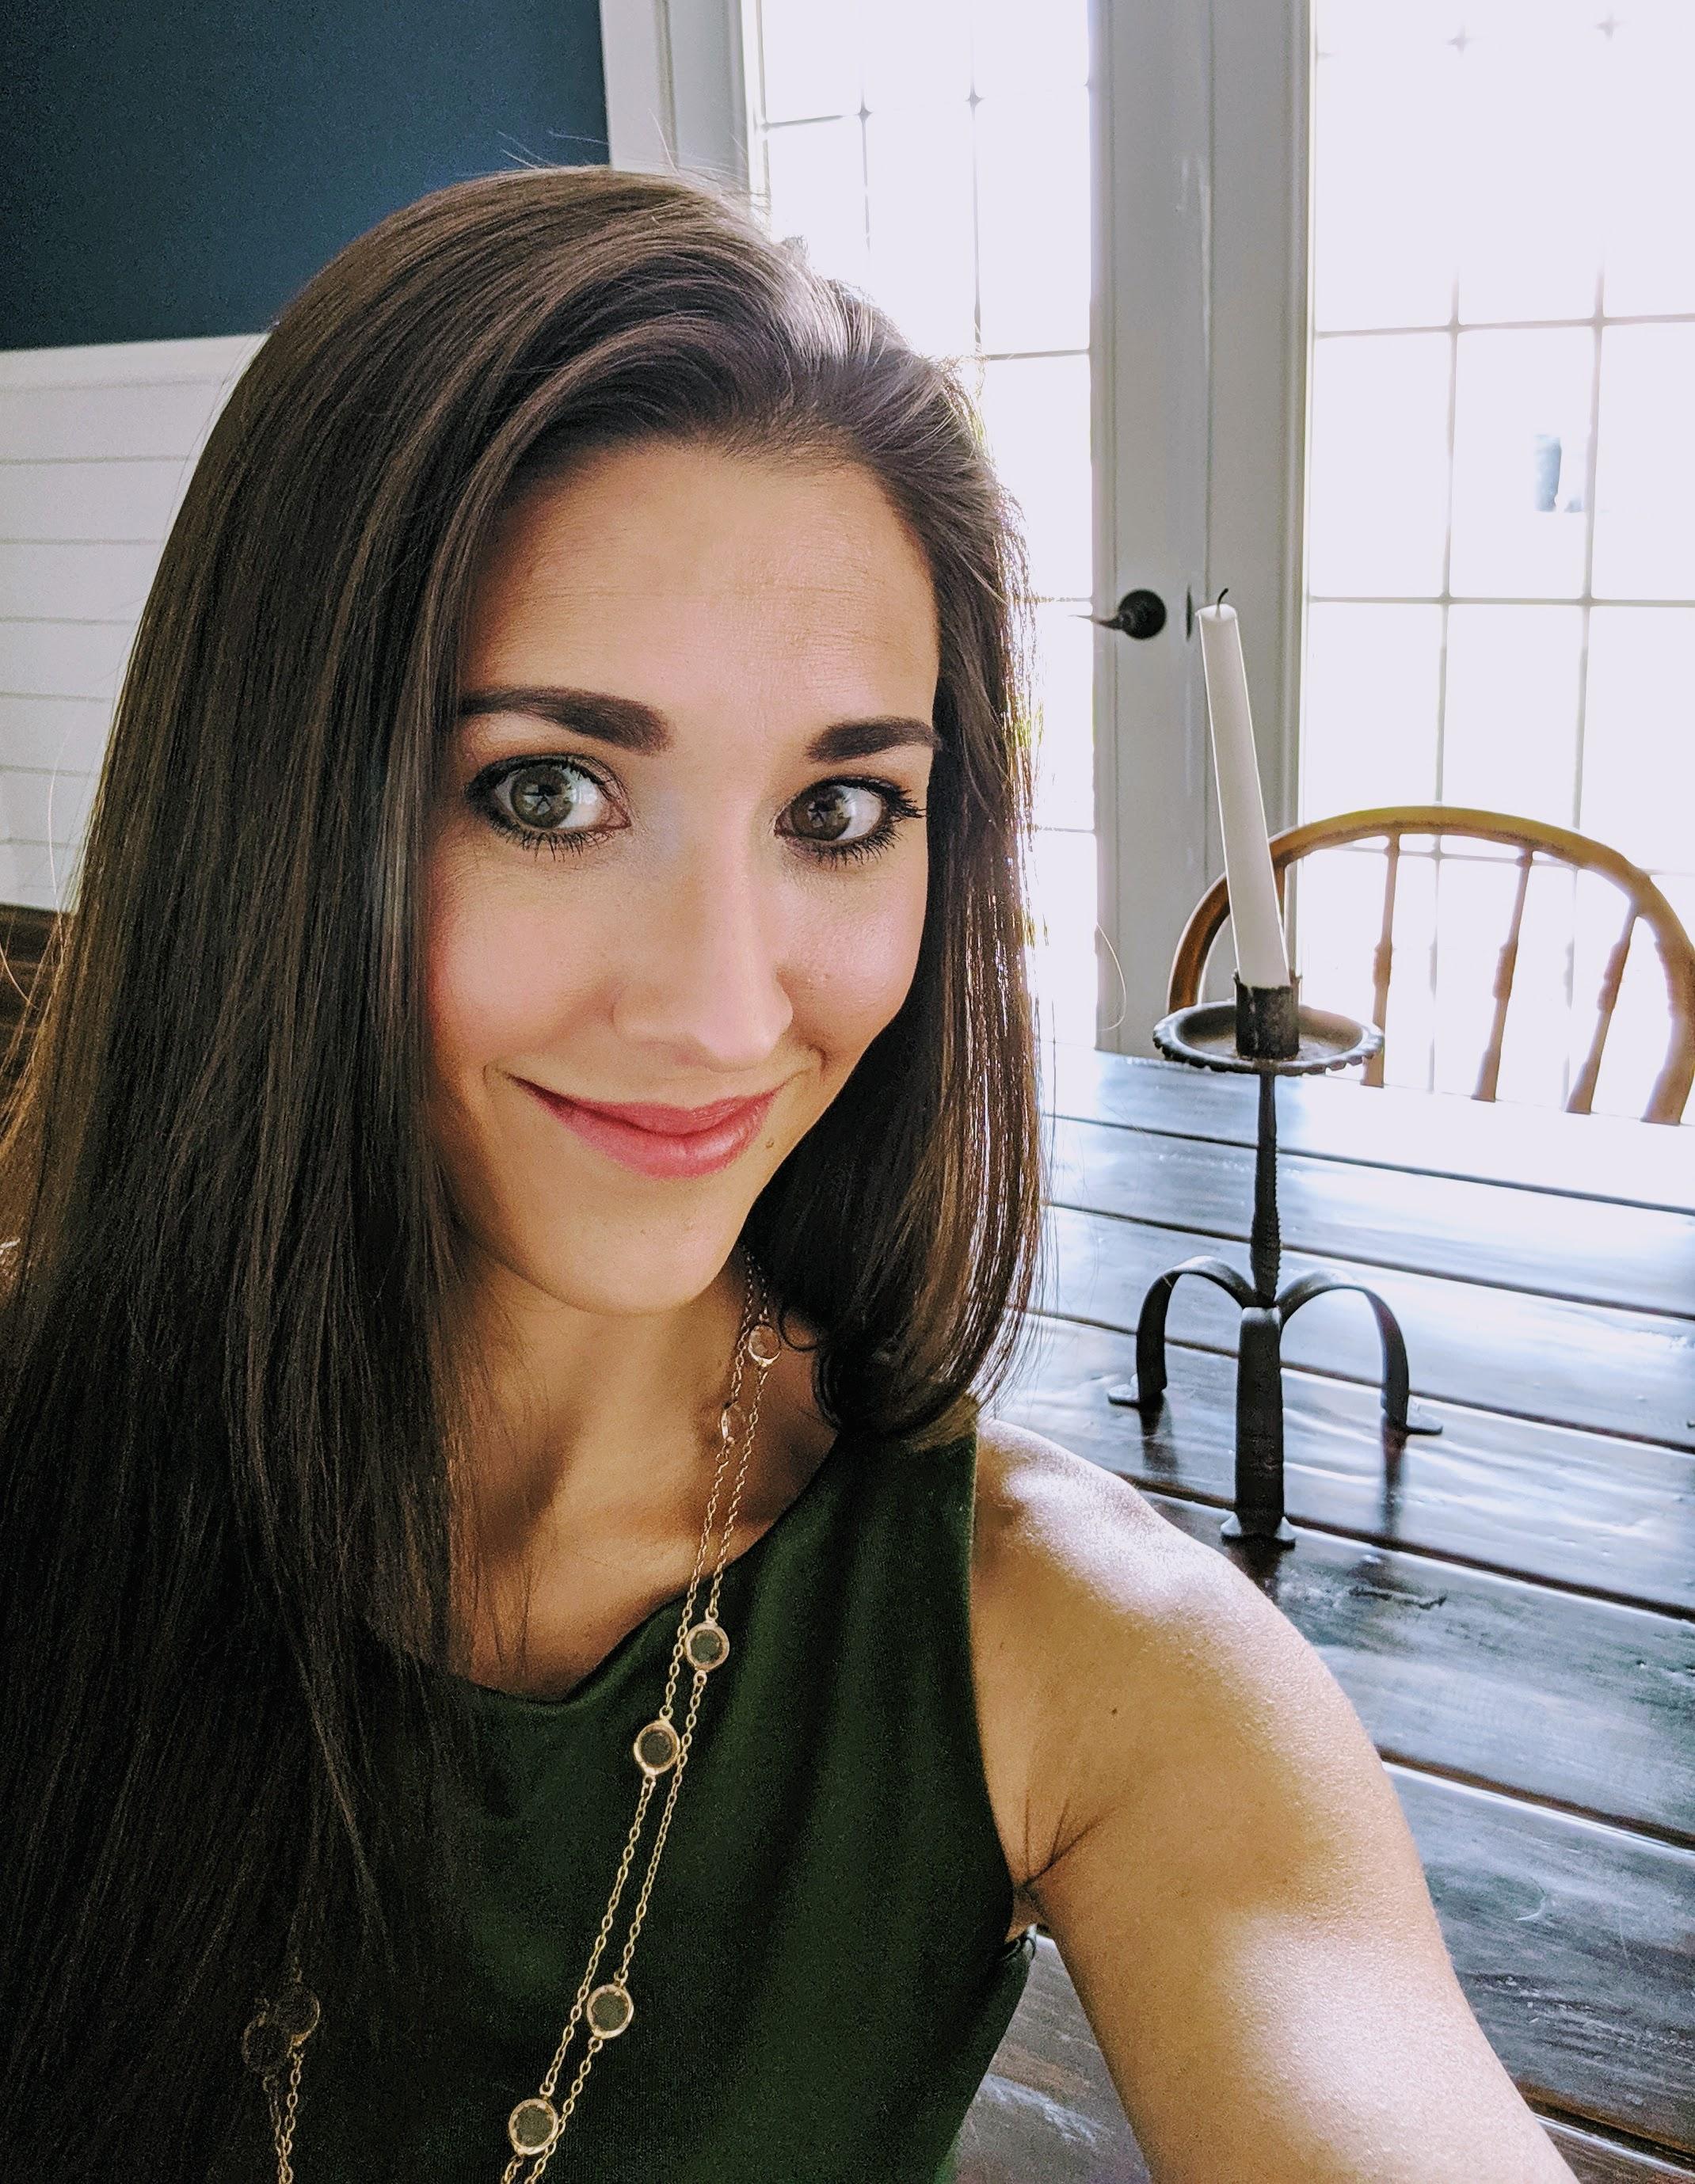 Kayla Meirick